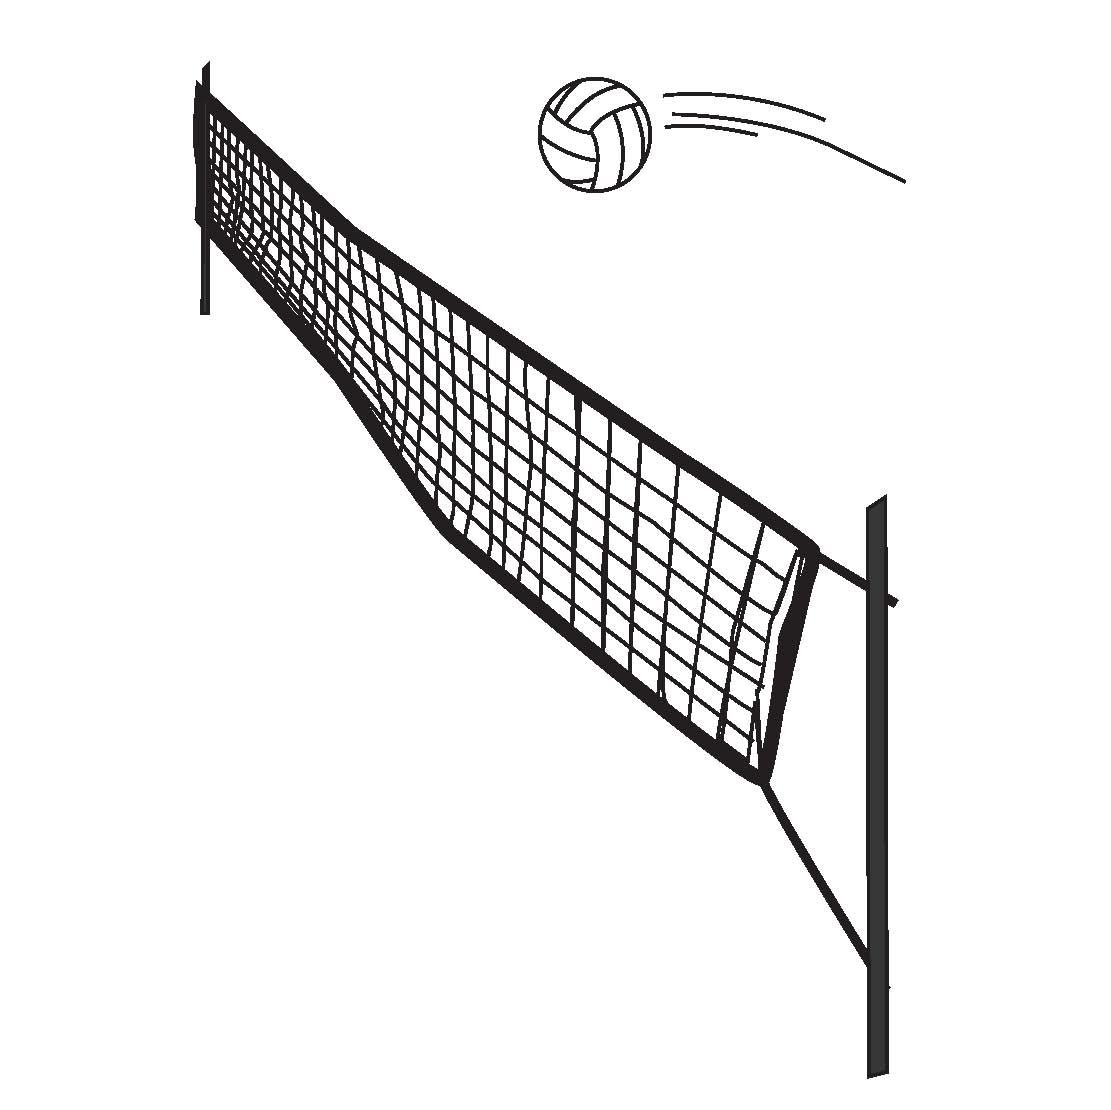 volleyball net clipart clipart suggest net clip art black and white net clipart black and white